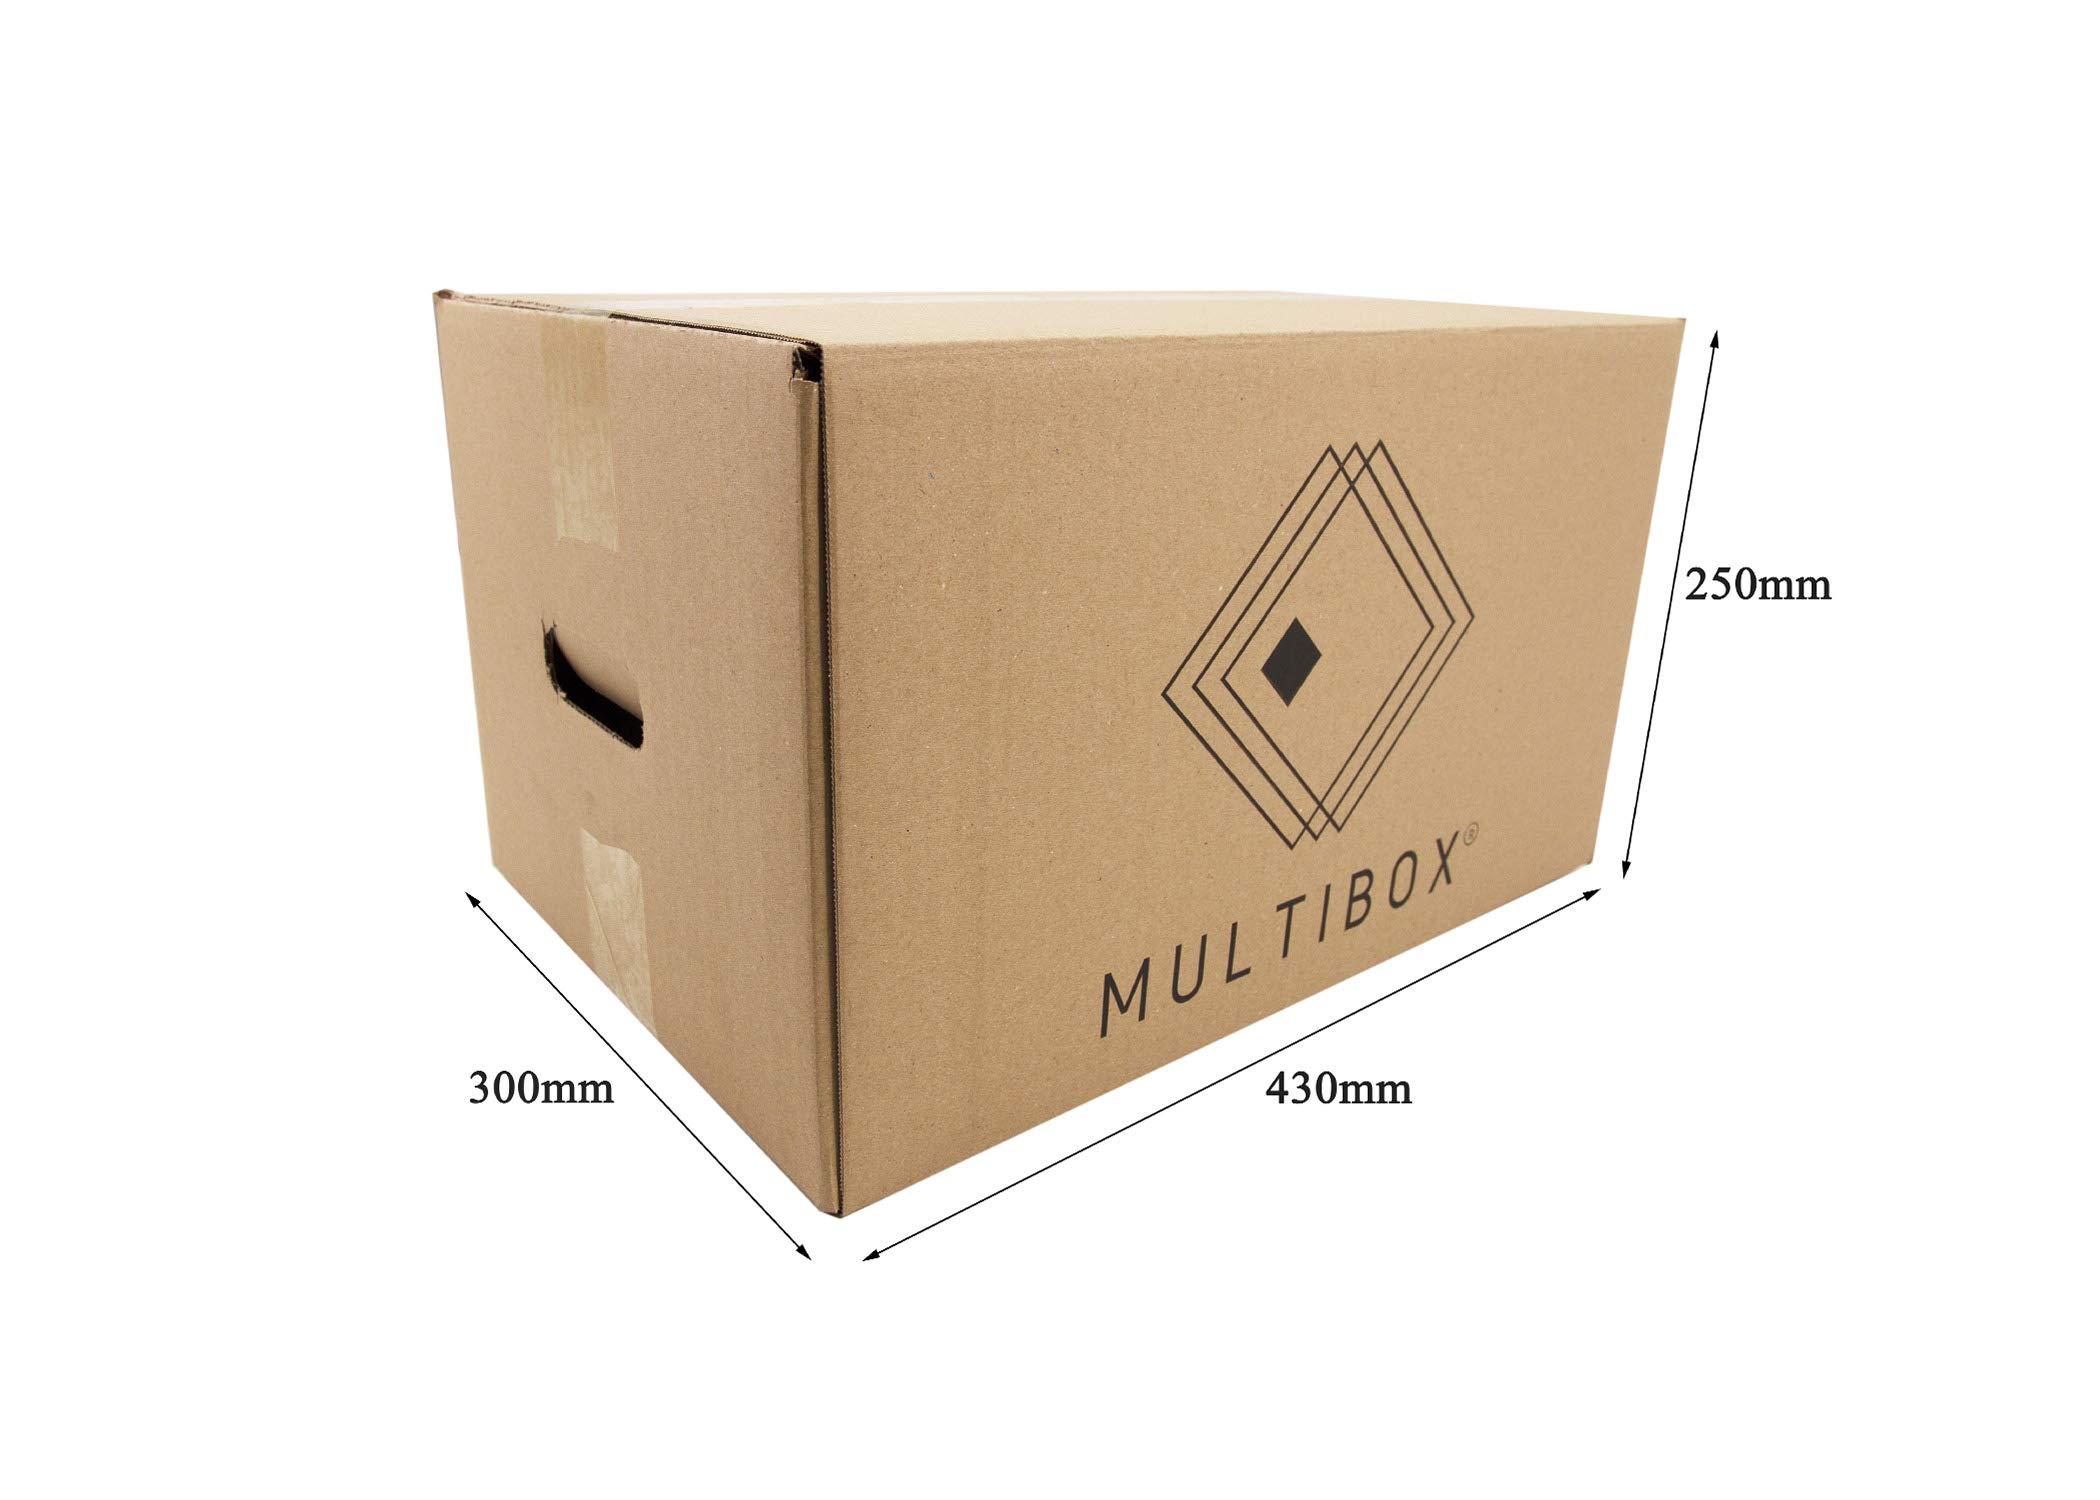 Pack 8 Cajas Cartón Mudanza y Almacenaje Con Asas Reforzado (51617) Resistente 430x300x250mm Fabricado En España diseño ergonómico Multiusos logística Mercancías Documentos Organizador Trastero: Amazon.es: Oficina y papelería